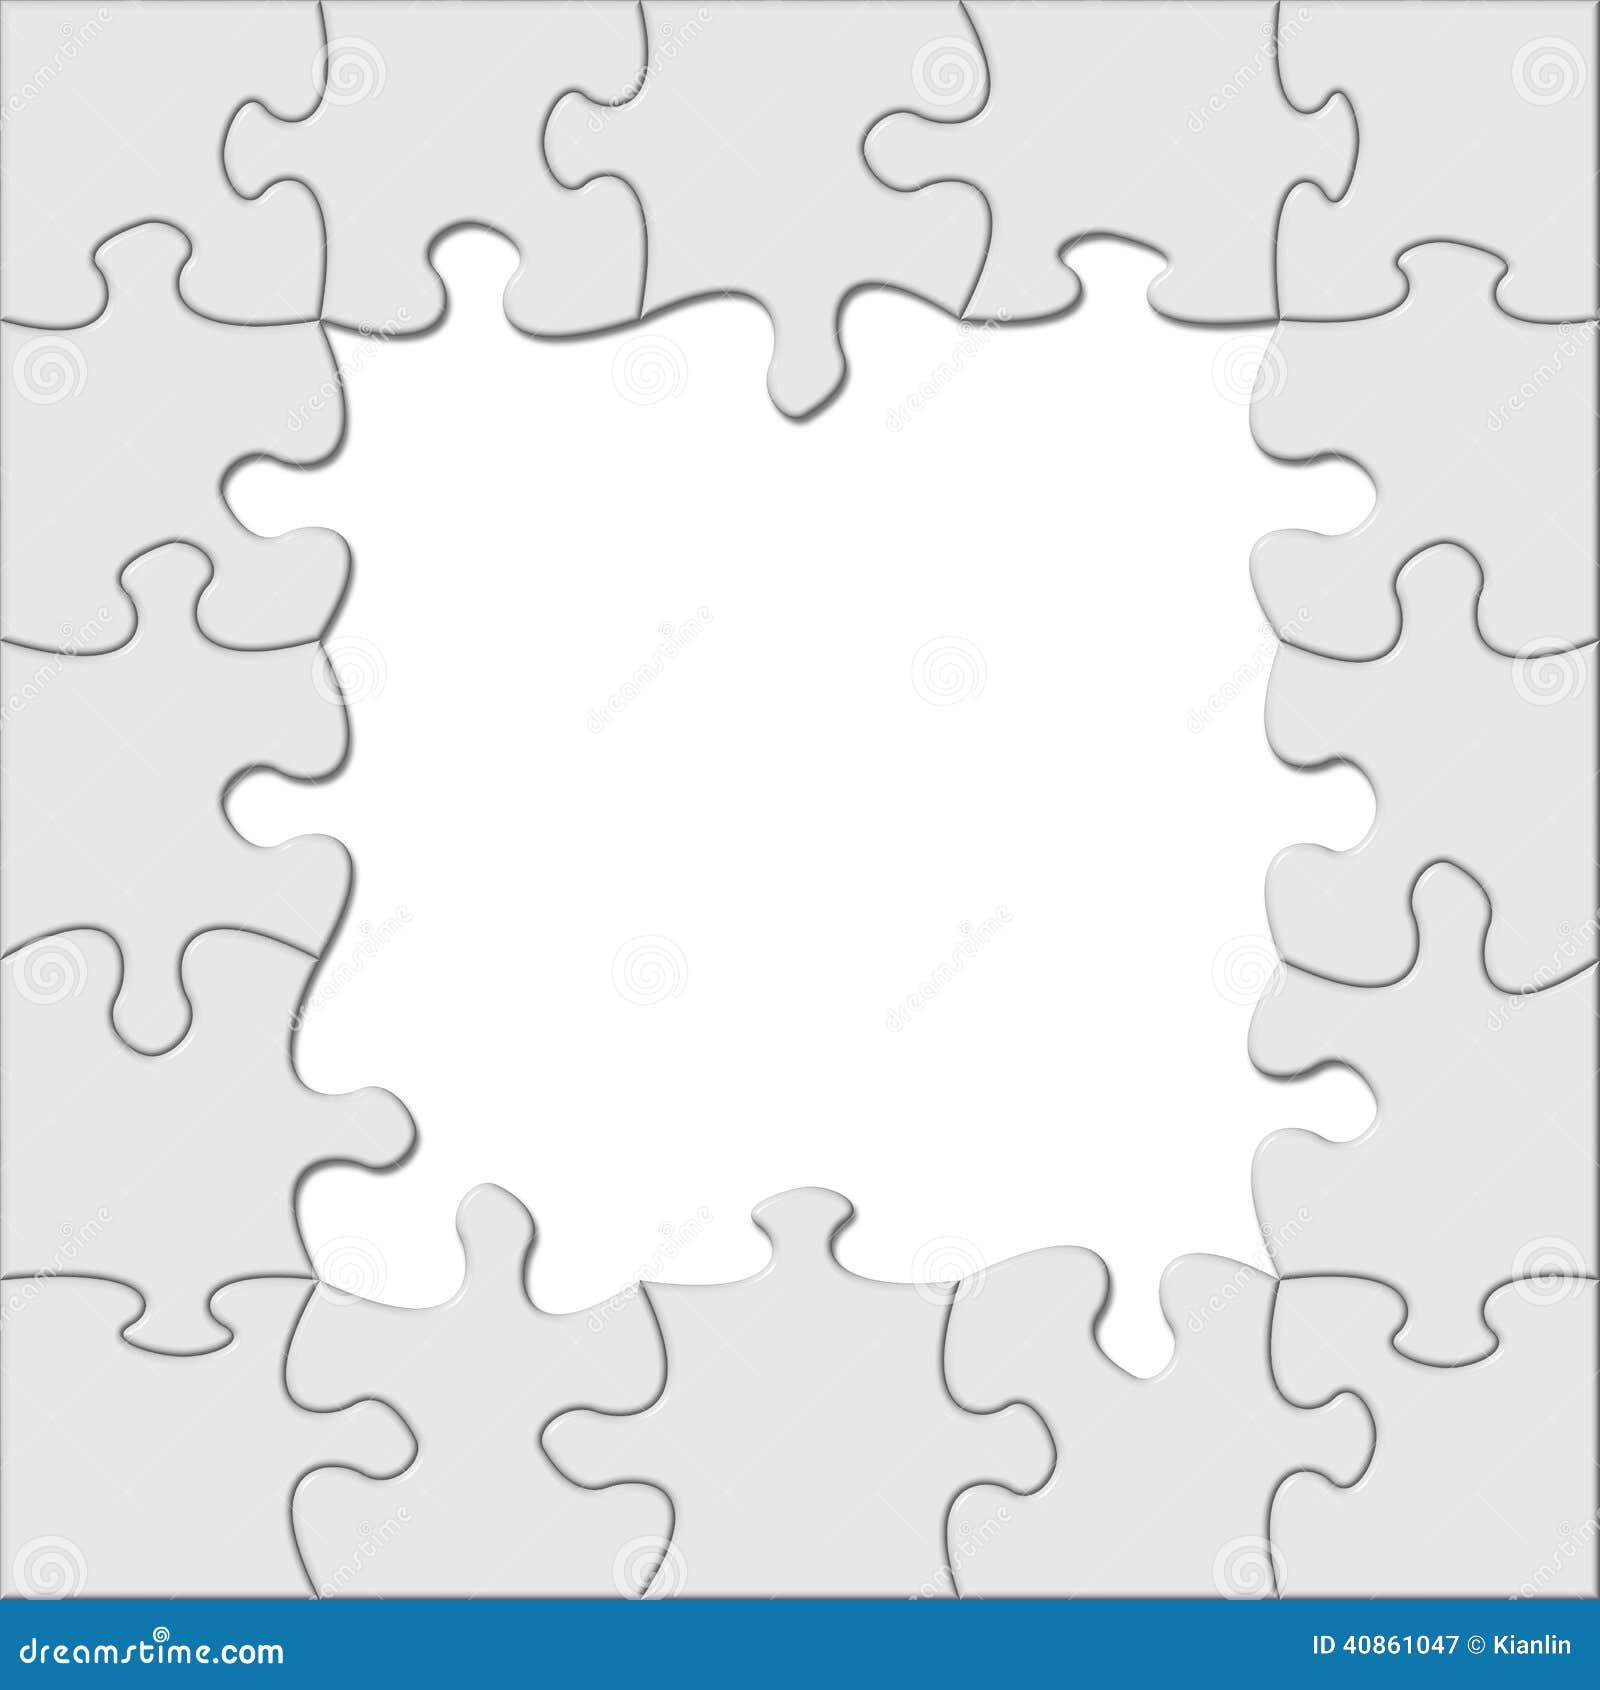 Puzzle frame stock image. Image of creativity, frame - 40861047